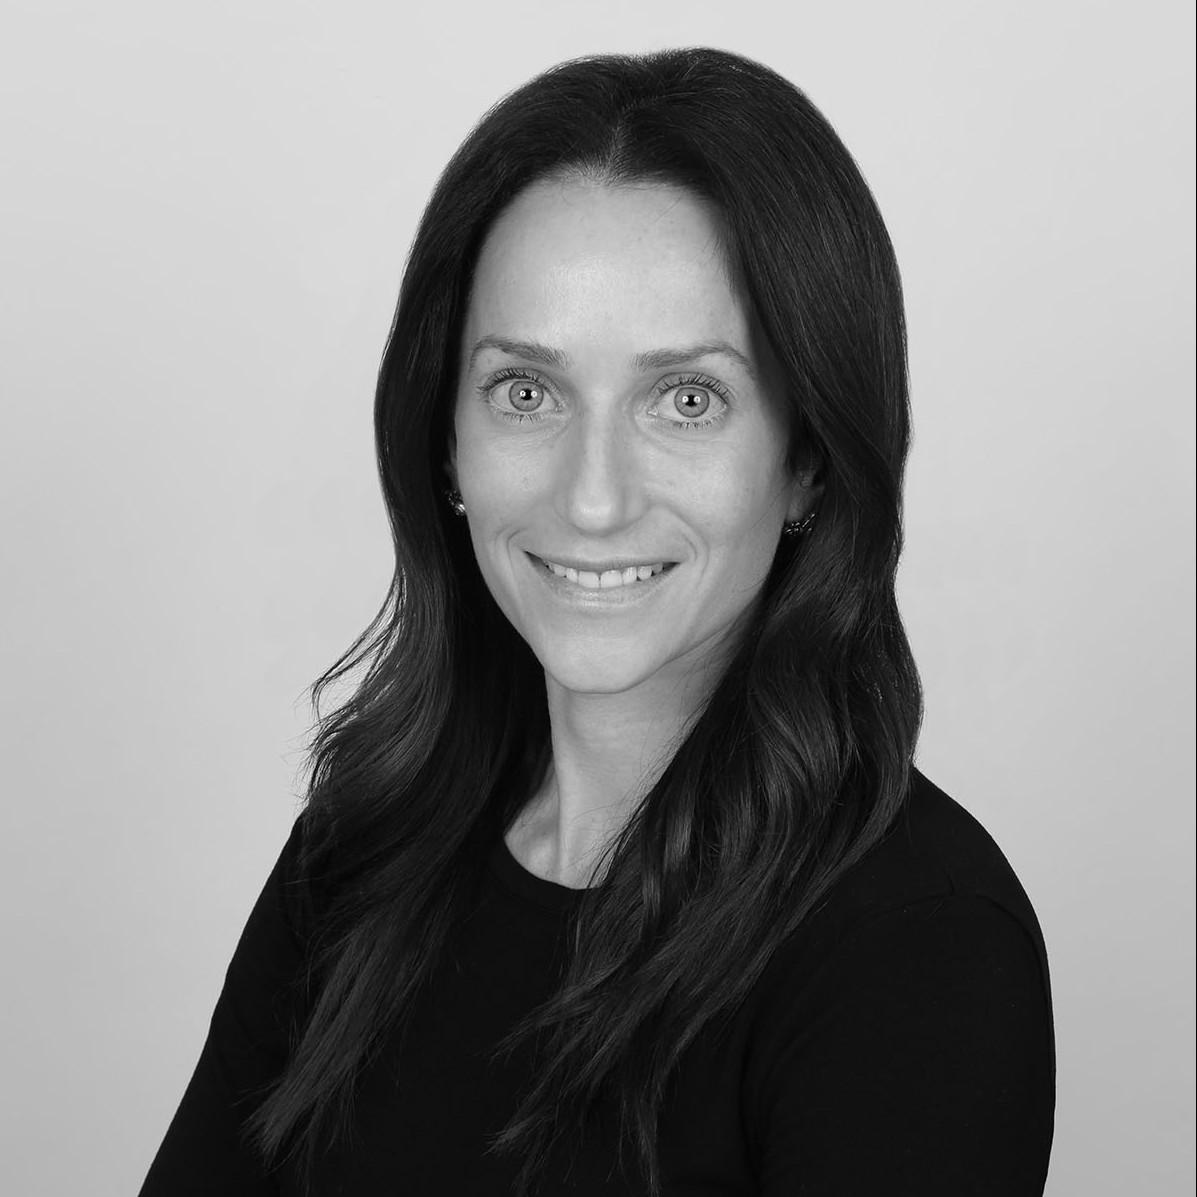 Jennifer Zeccardi